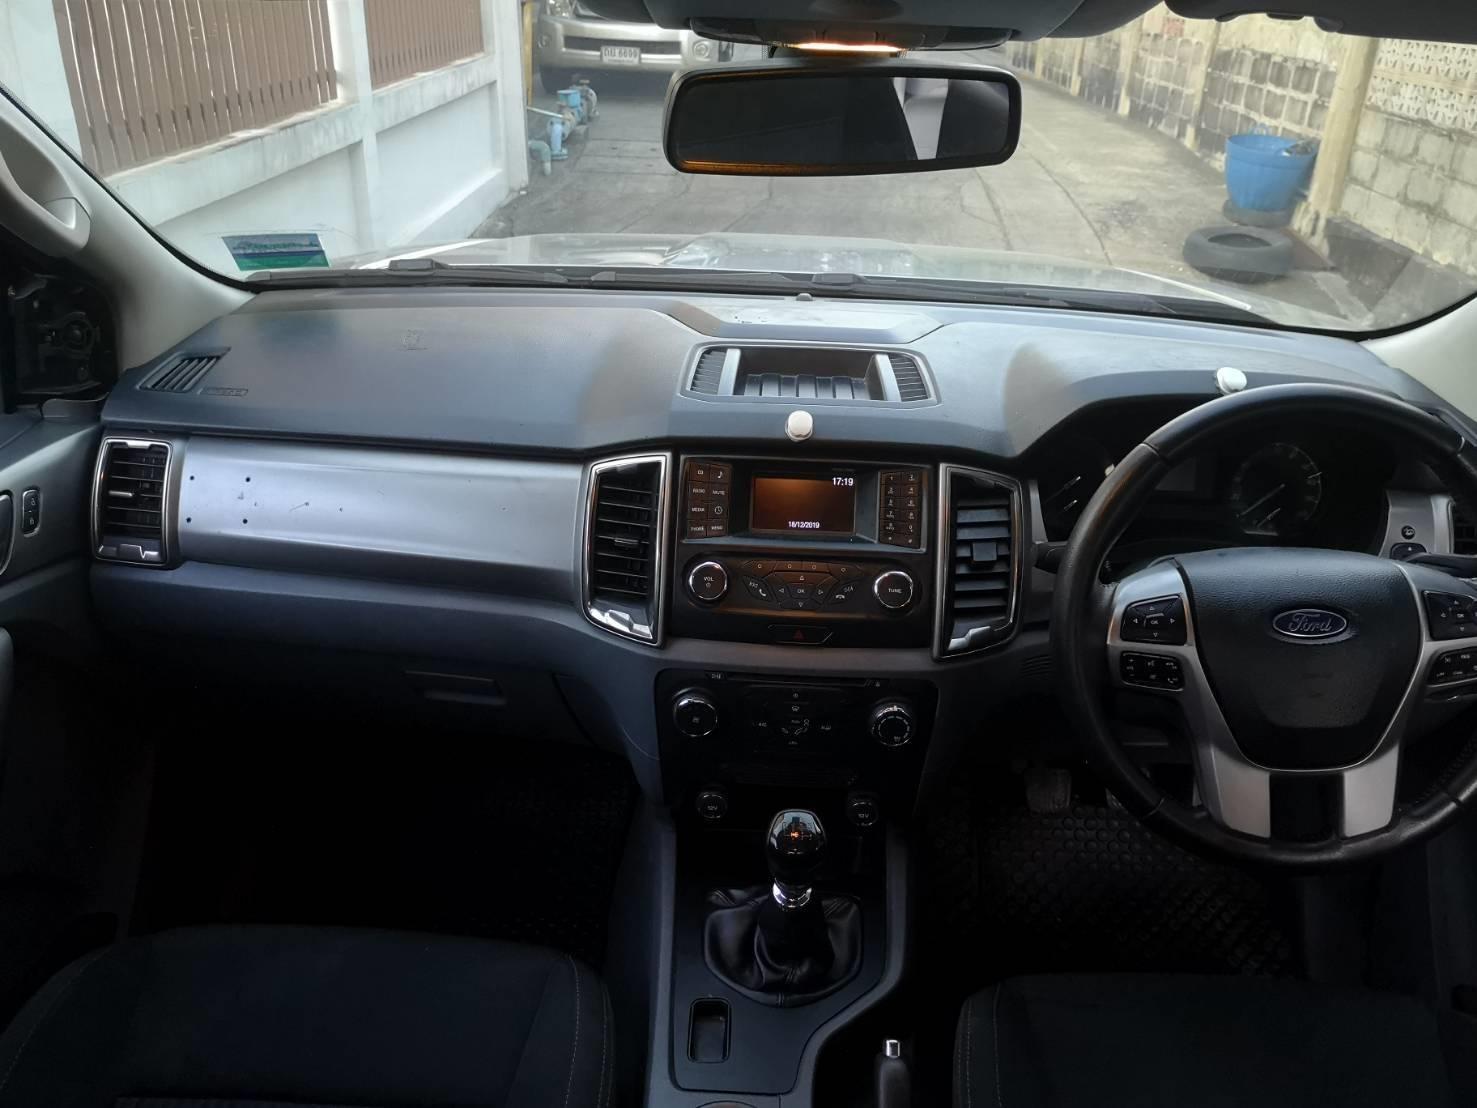 ขายรถกระบะ  Ford ranger 2.2 XLI smart cab ปี 2016